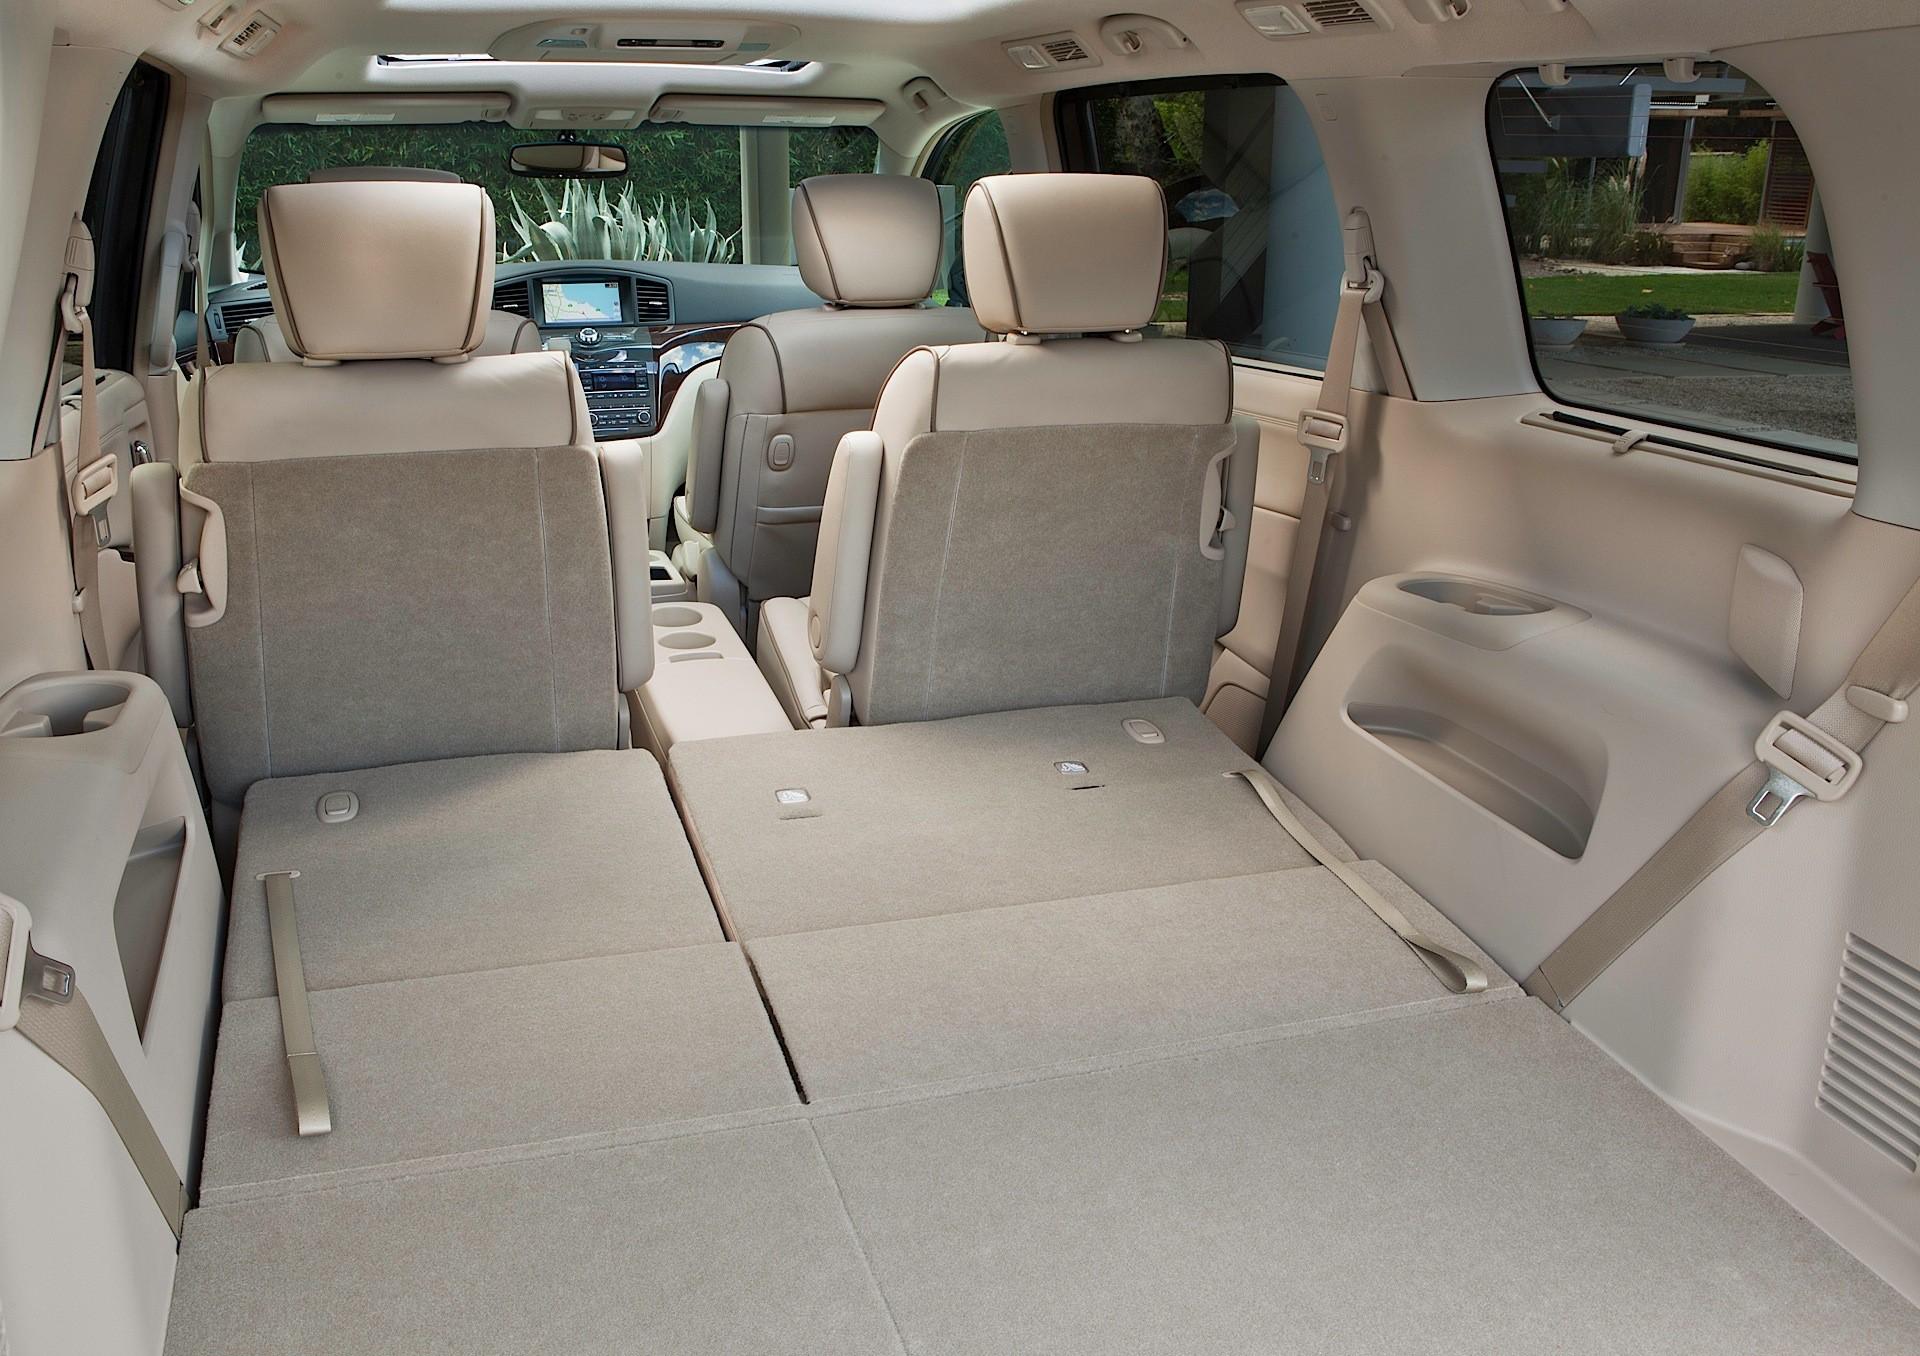 Nissan Quest Minivan 5 Doors 2010 Model Interior